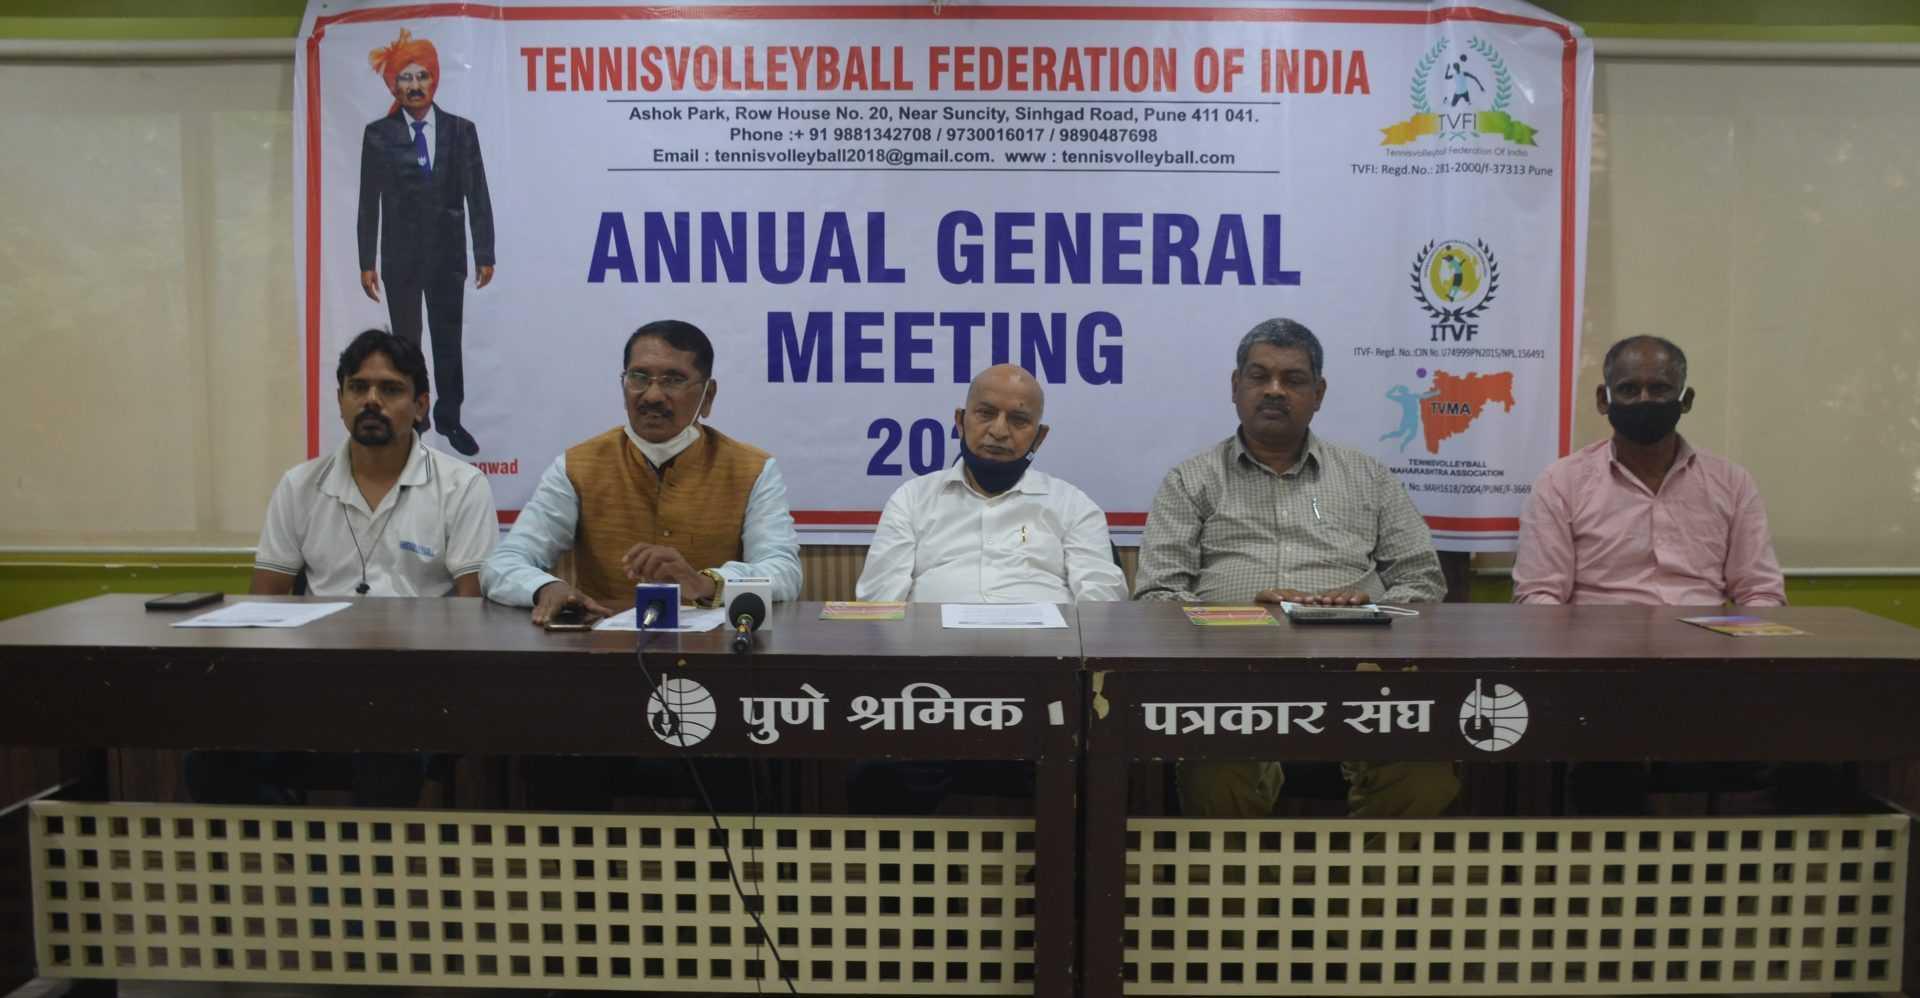 भारतीय  टेनिस व्हॉलीबॉल महासंघास केंद्रीय क्रीडा मंत्रालयाची मान्यता